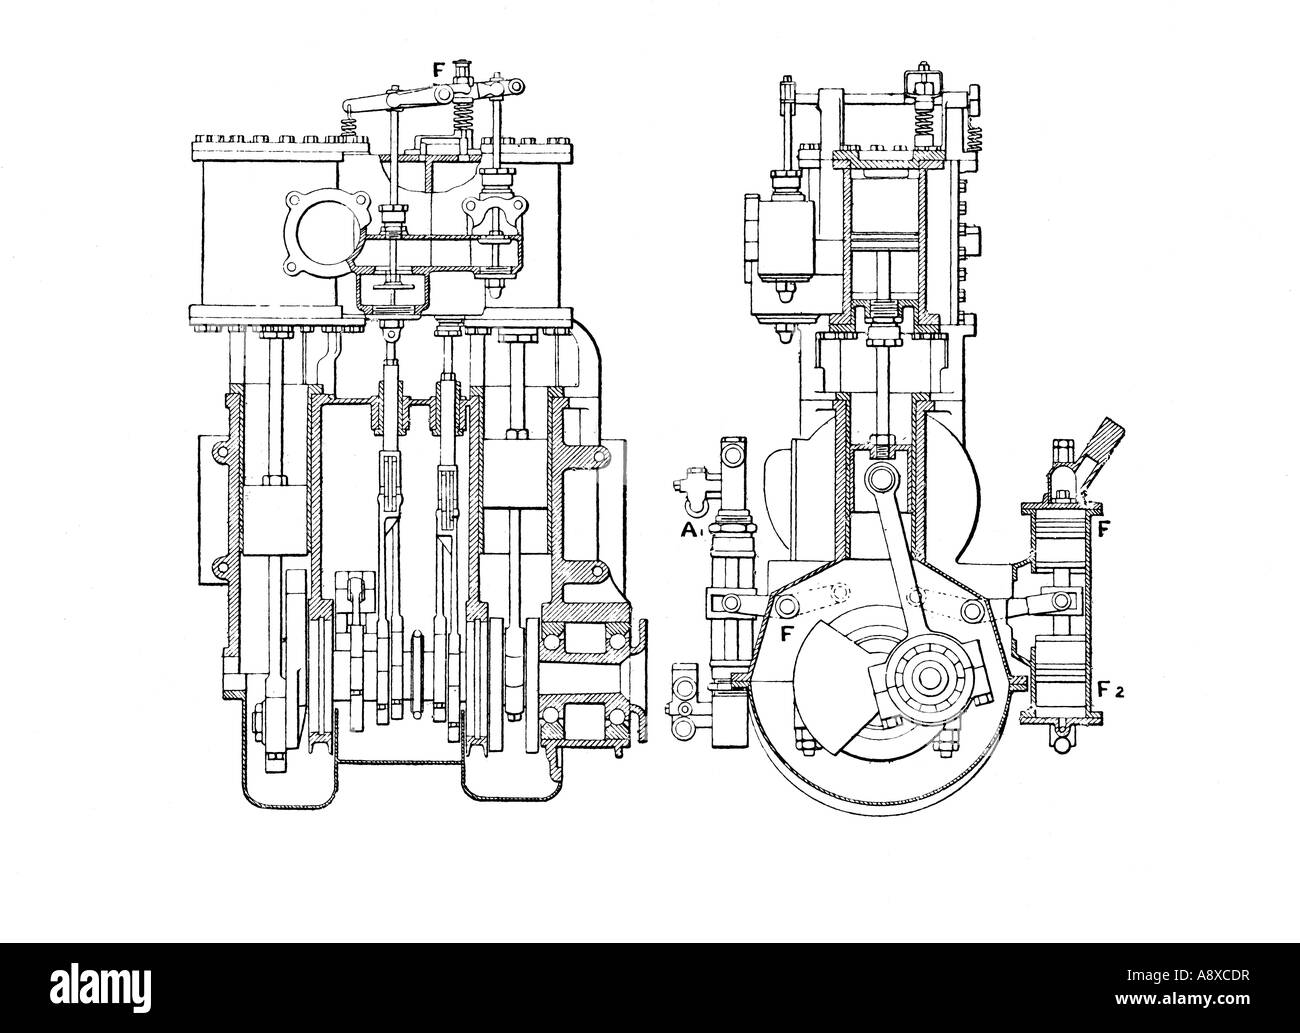 Car Engine Diagram Stockfotos & Car Engine Diagram Bilder - Alamy